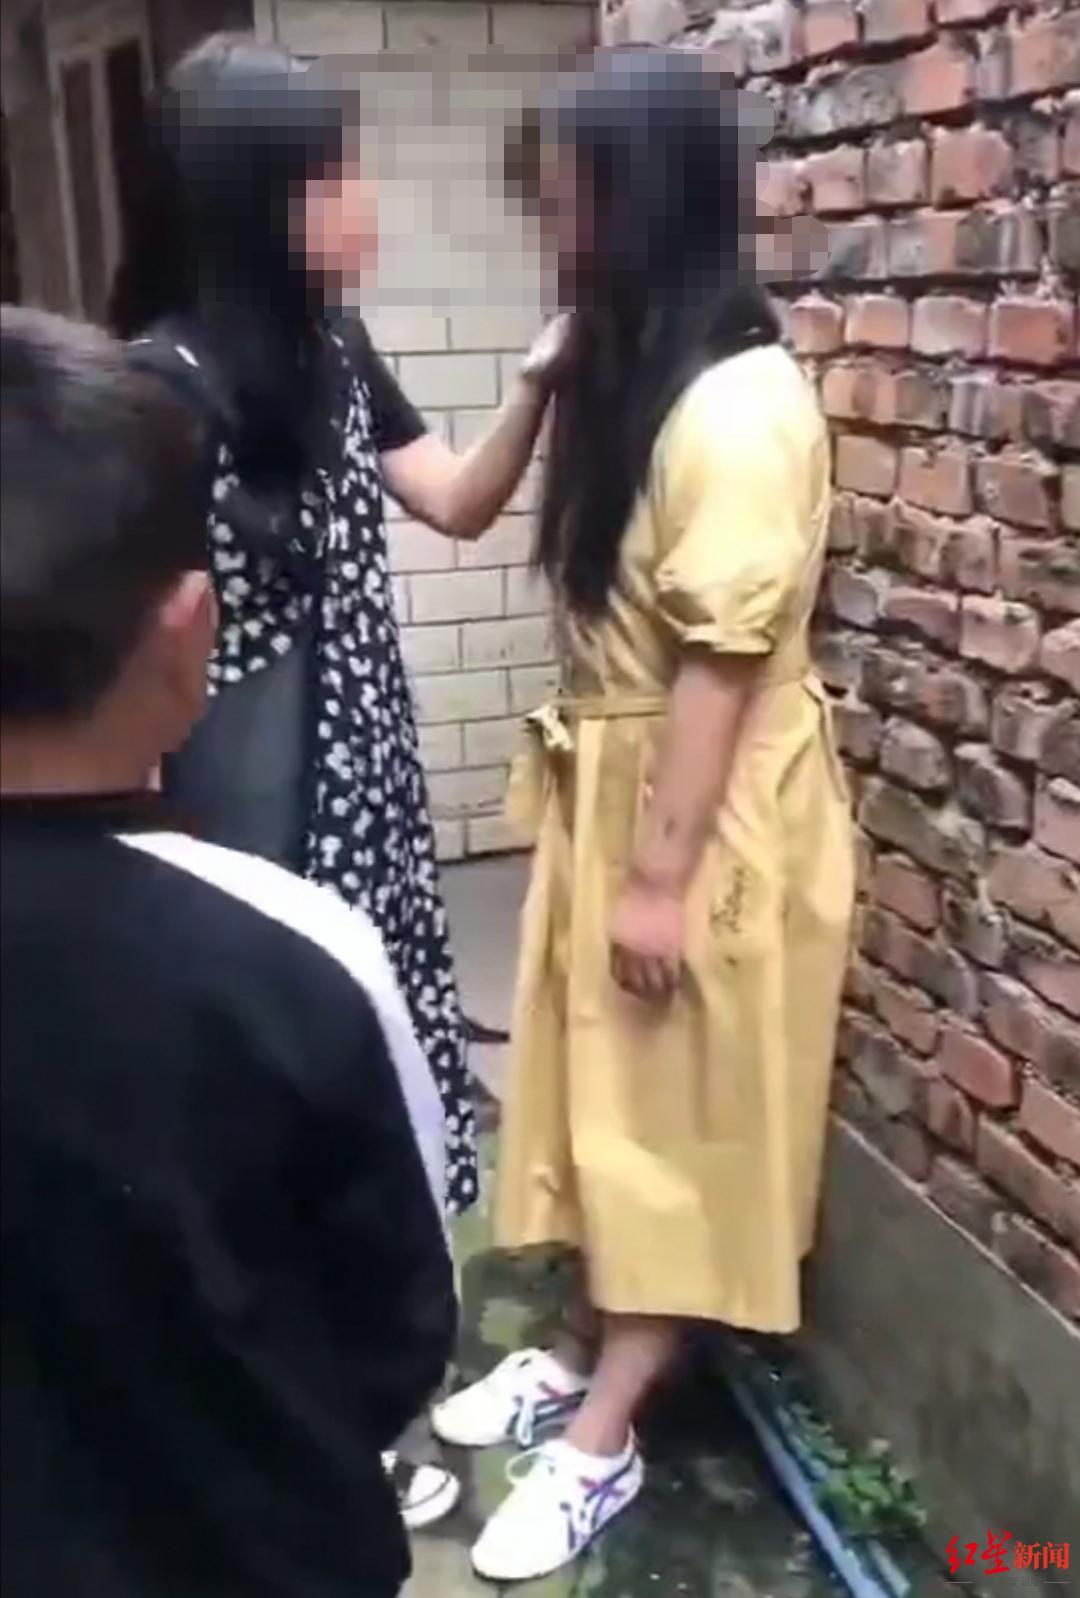 16岁女生被残忍虐待,最小施暴者年仅13岁